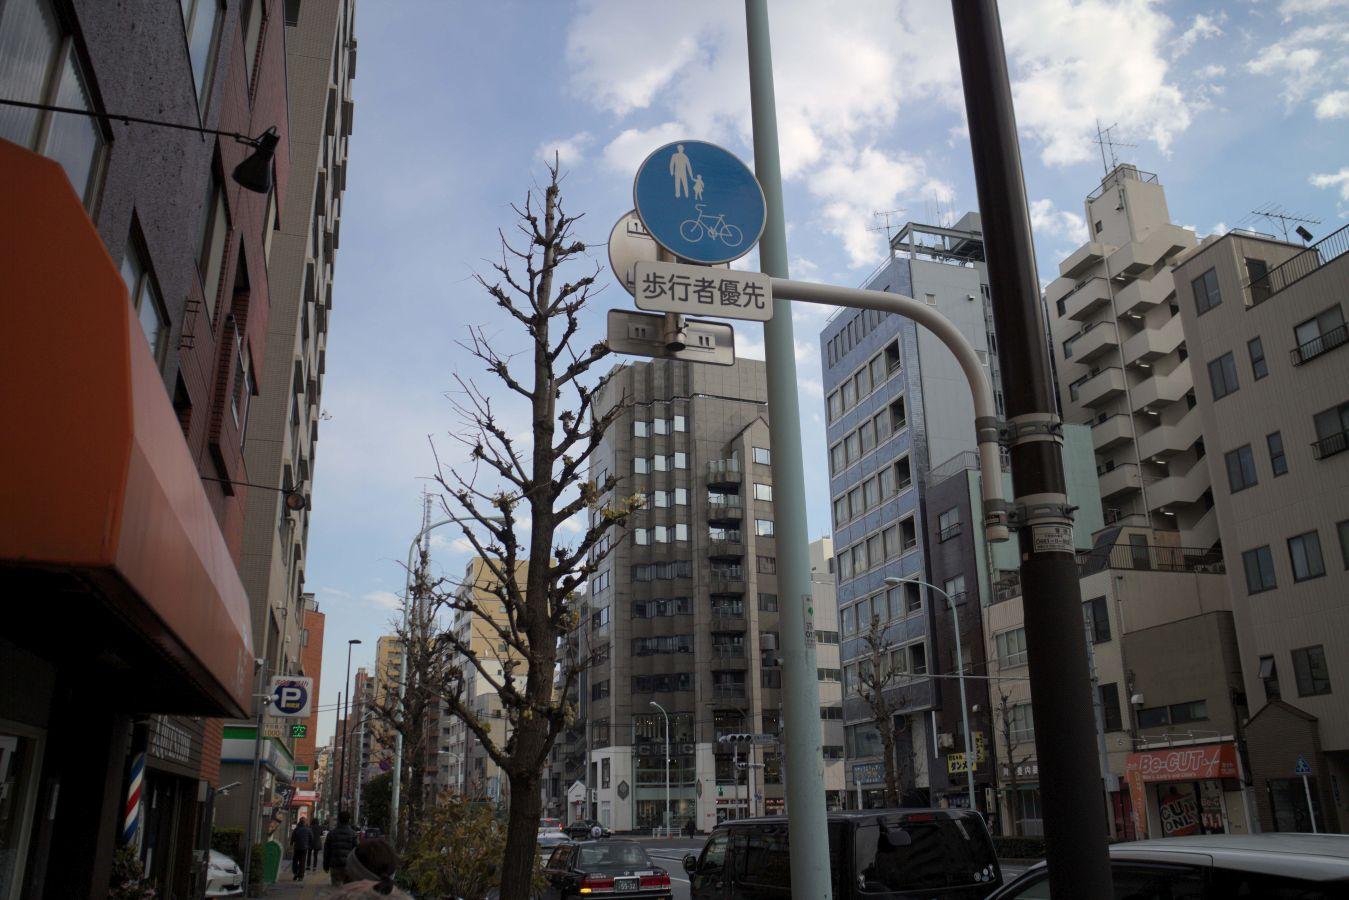 GemeinsameBenutzung_Gehweg_Radl_Japan